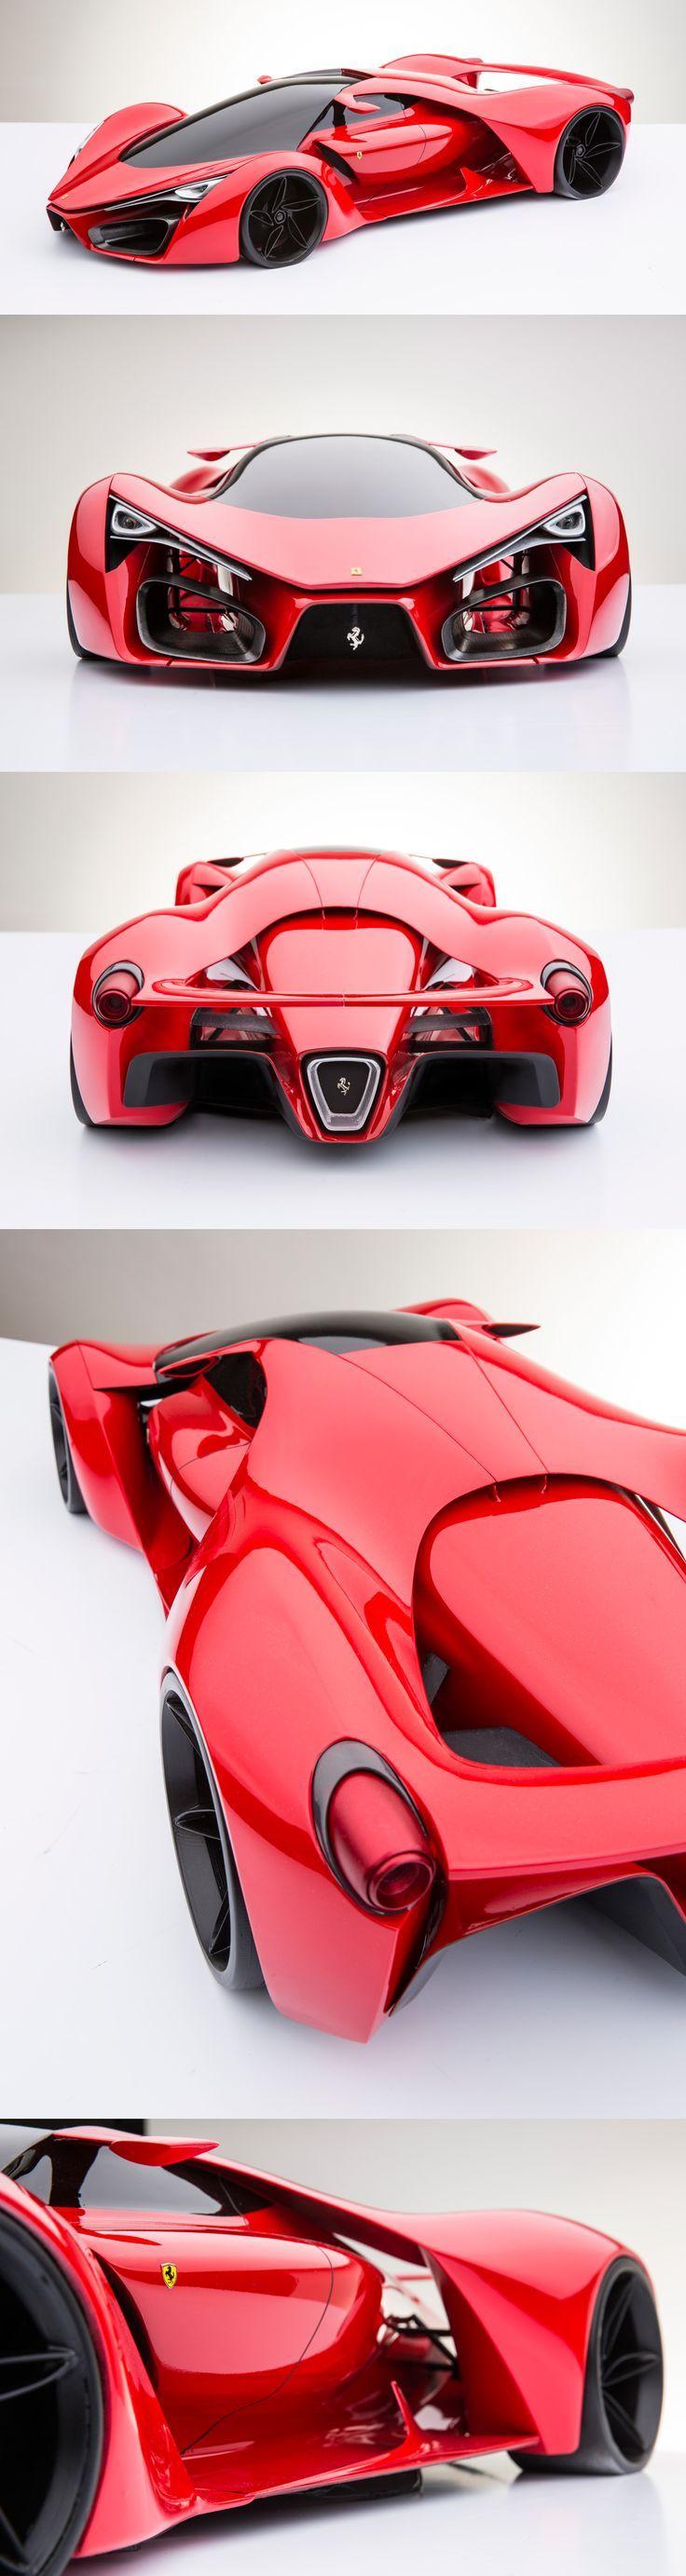 WOW! Ferrari F80 Concept ...repinned für Gewinner! - jetzt gratis Erfolgsratgeber sichern www.ratsucher.de